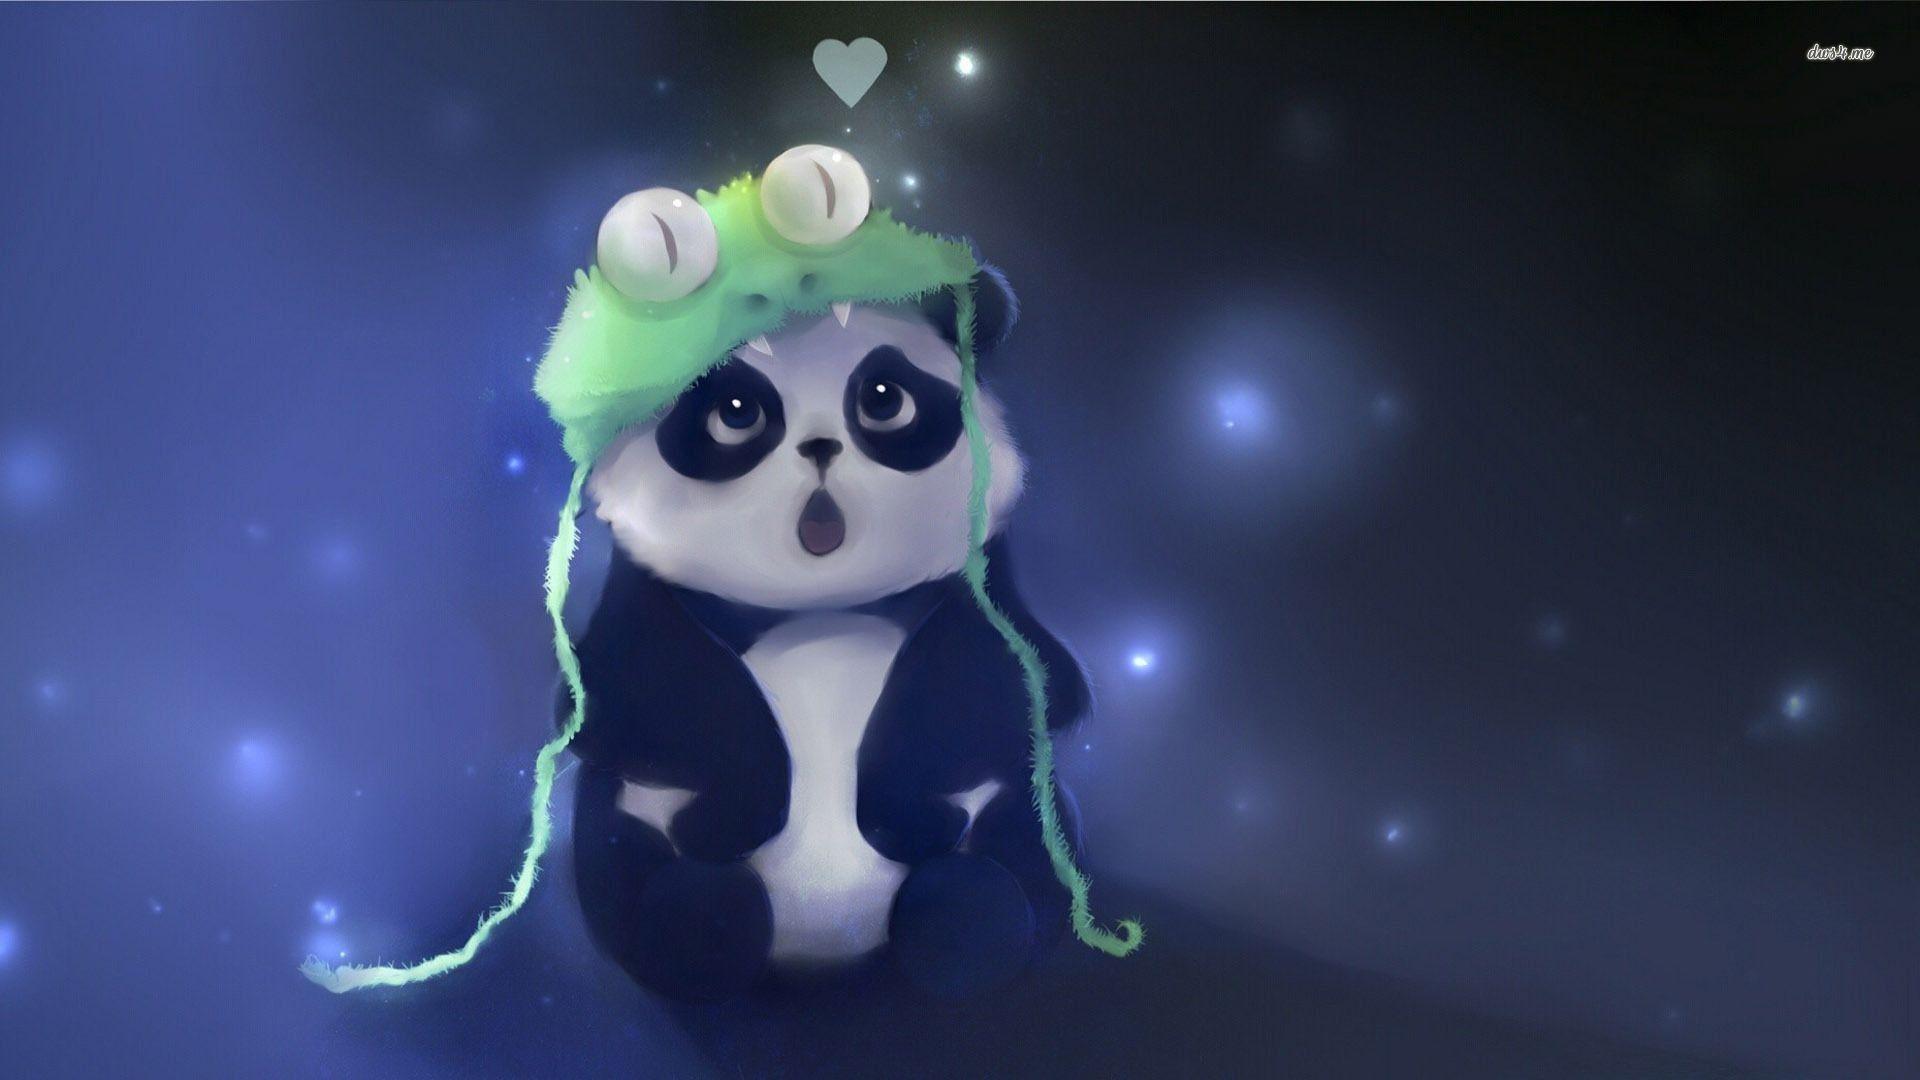 HD Cute Panda Wallpaper Panda wallpapers, Cute panda